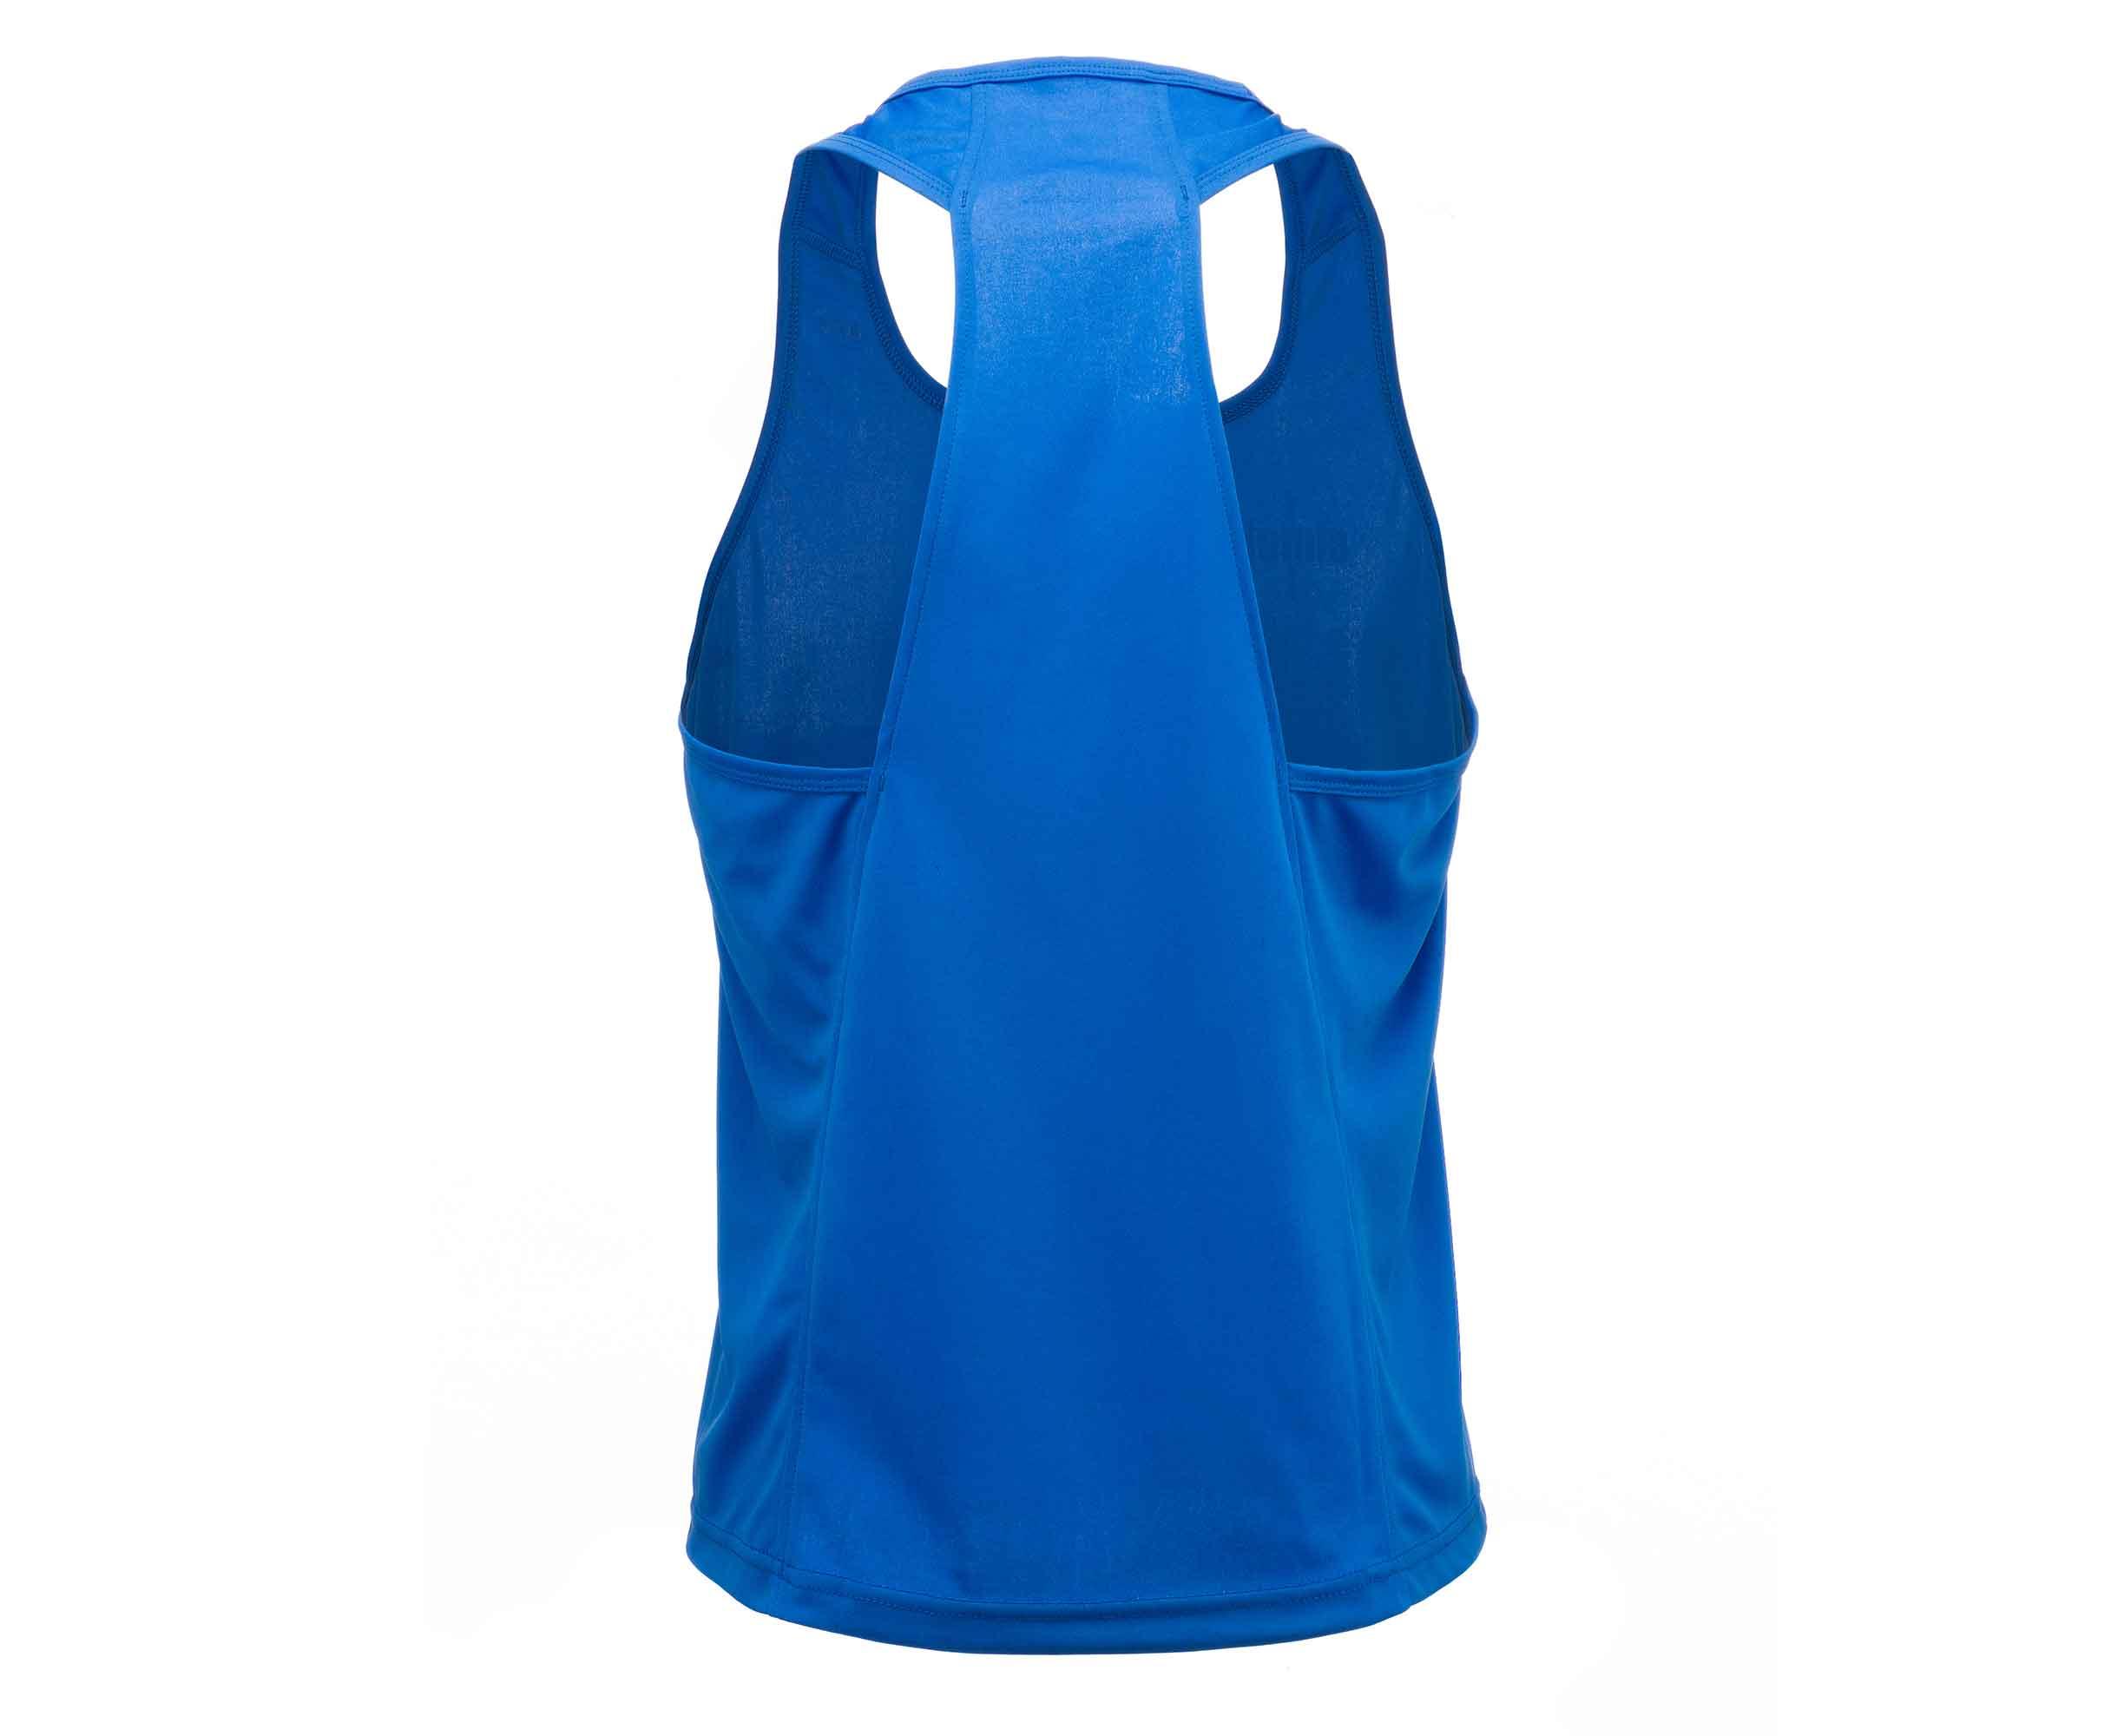 Майка боксерская Adidas Clinch Olimp синяя 164